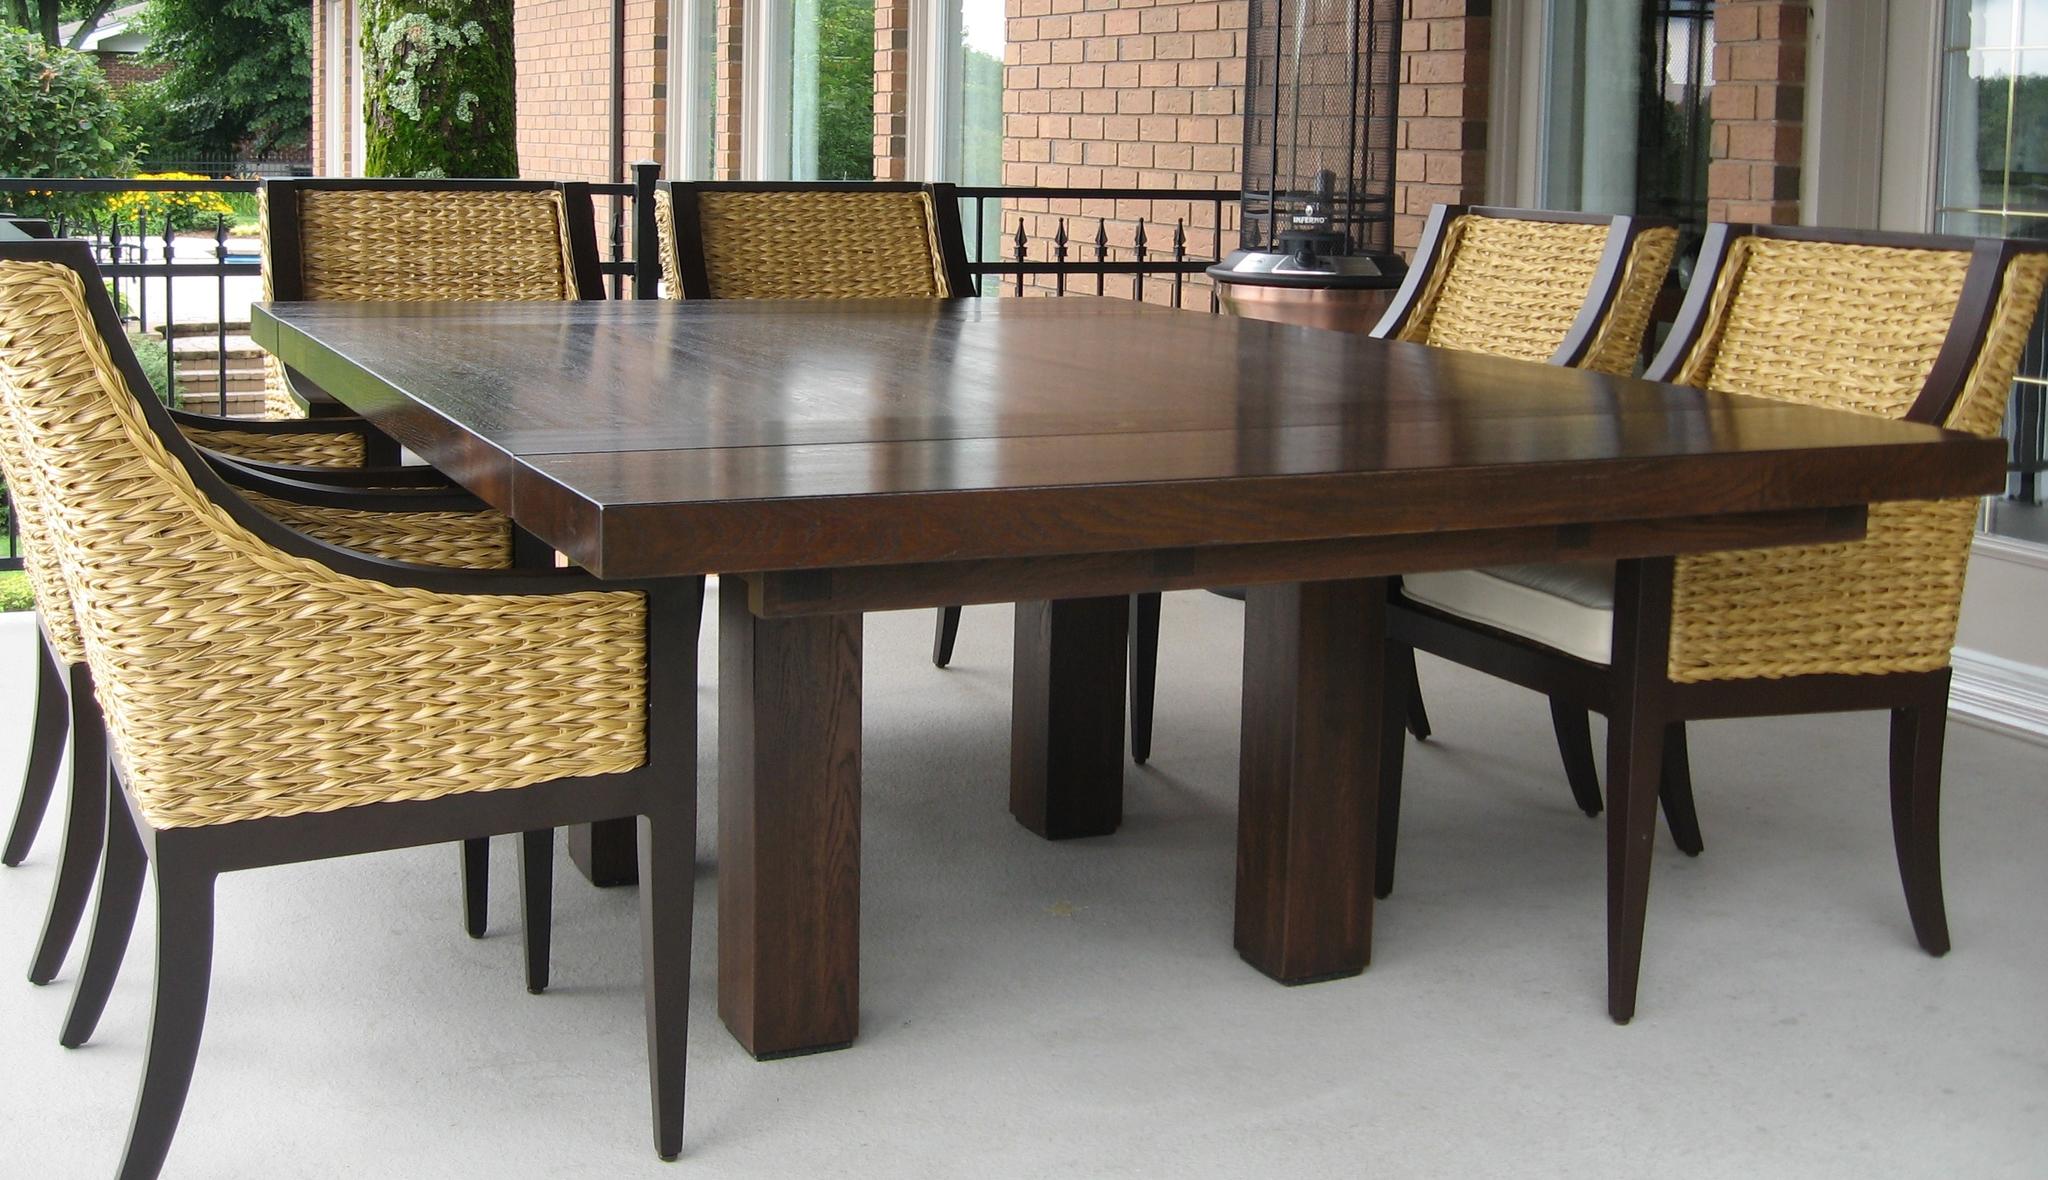 Table carré en bois avec extensions